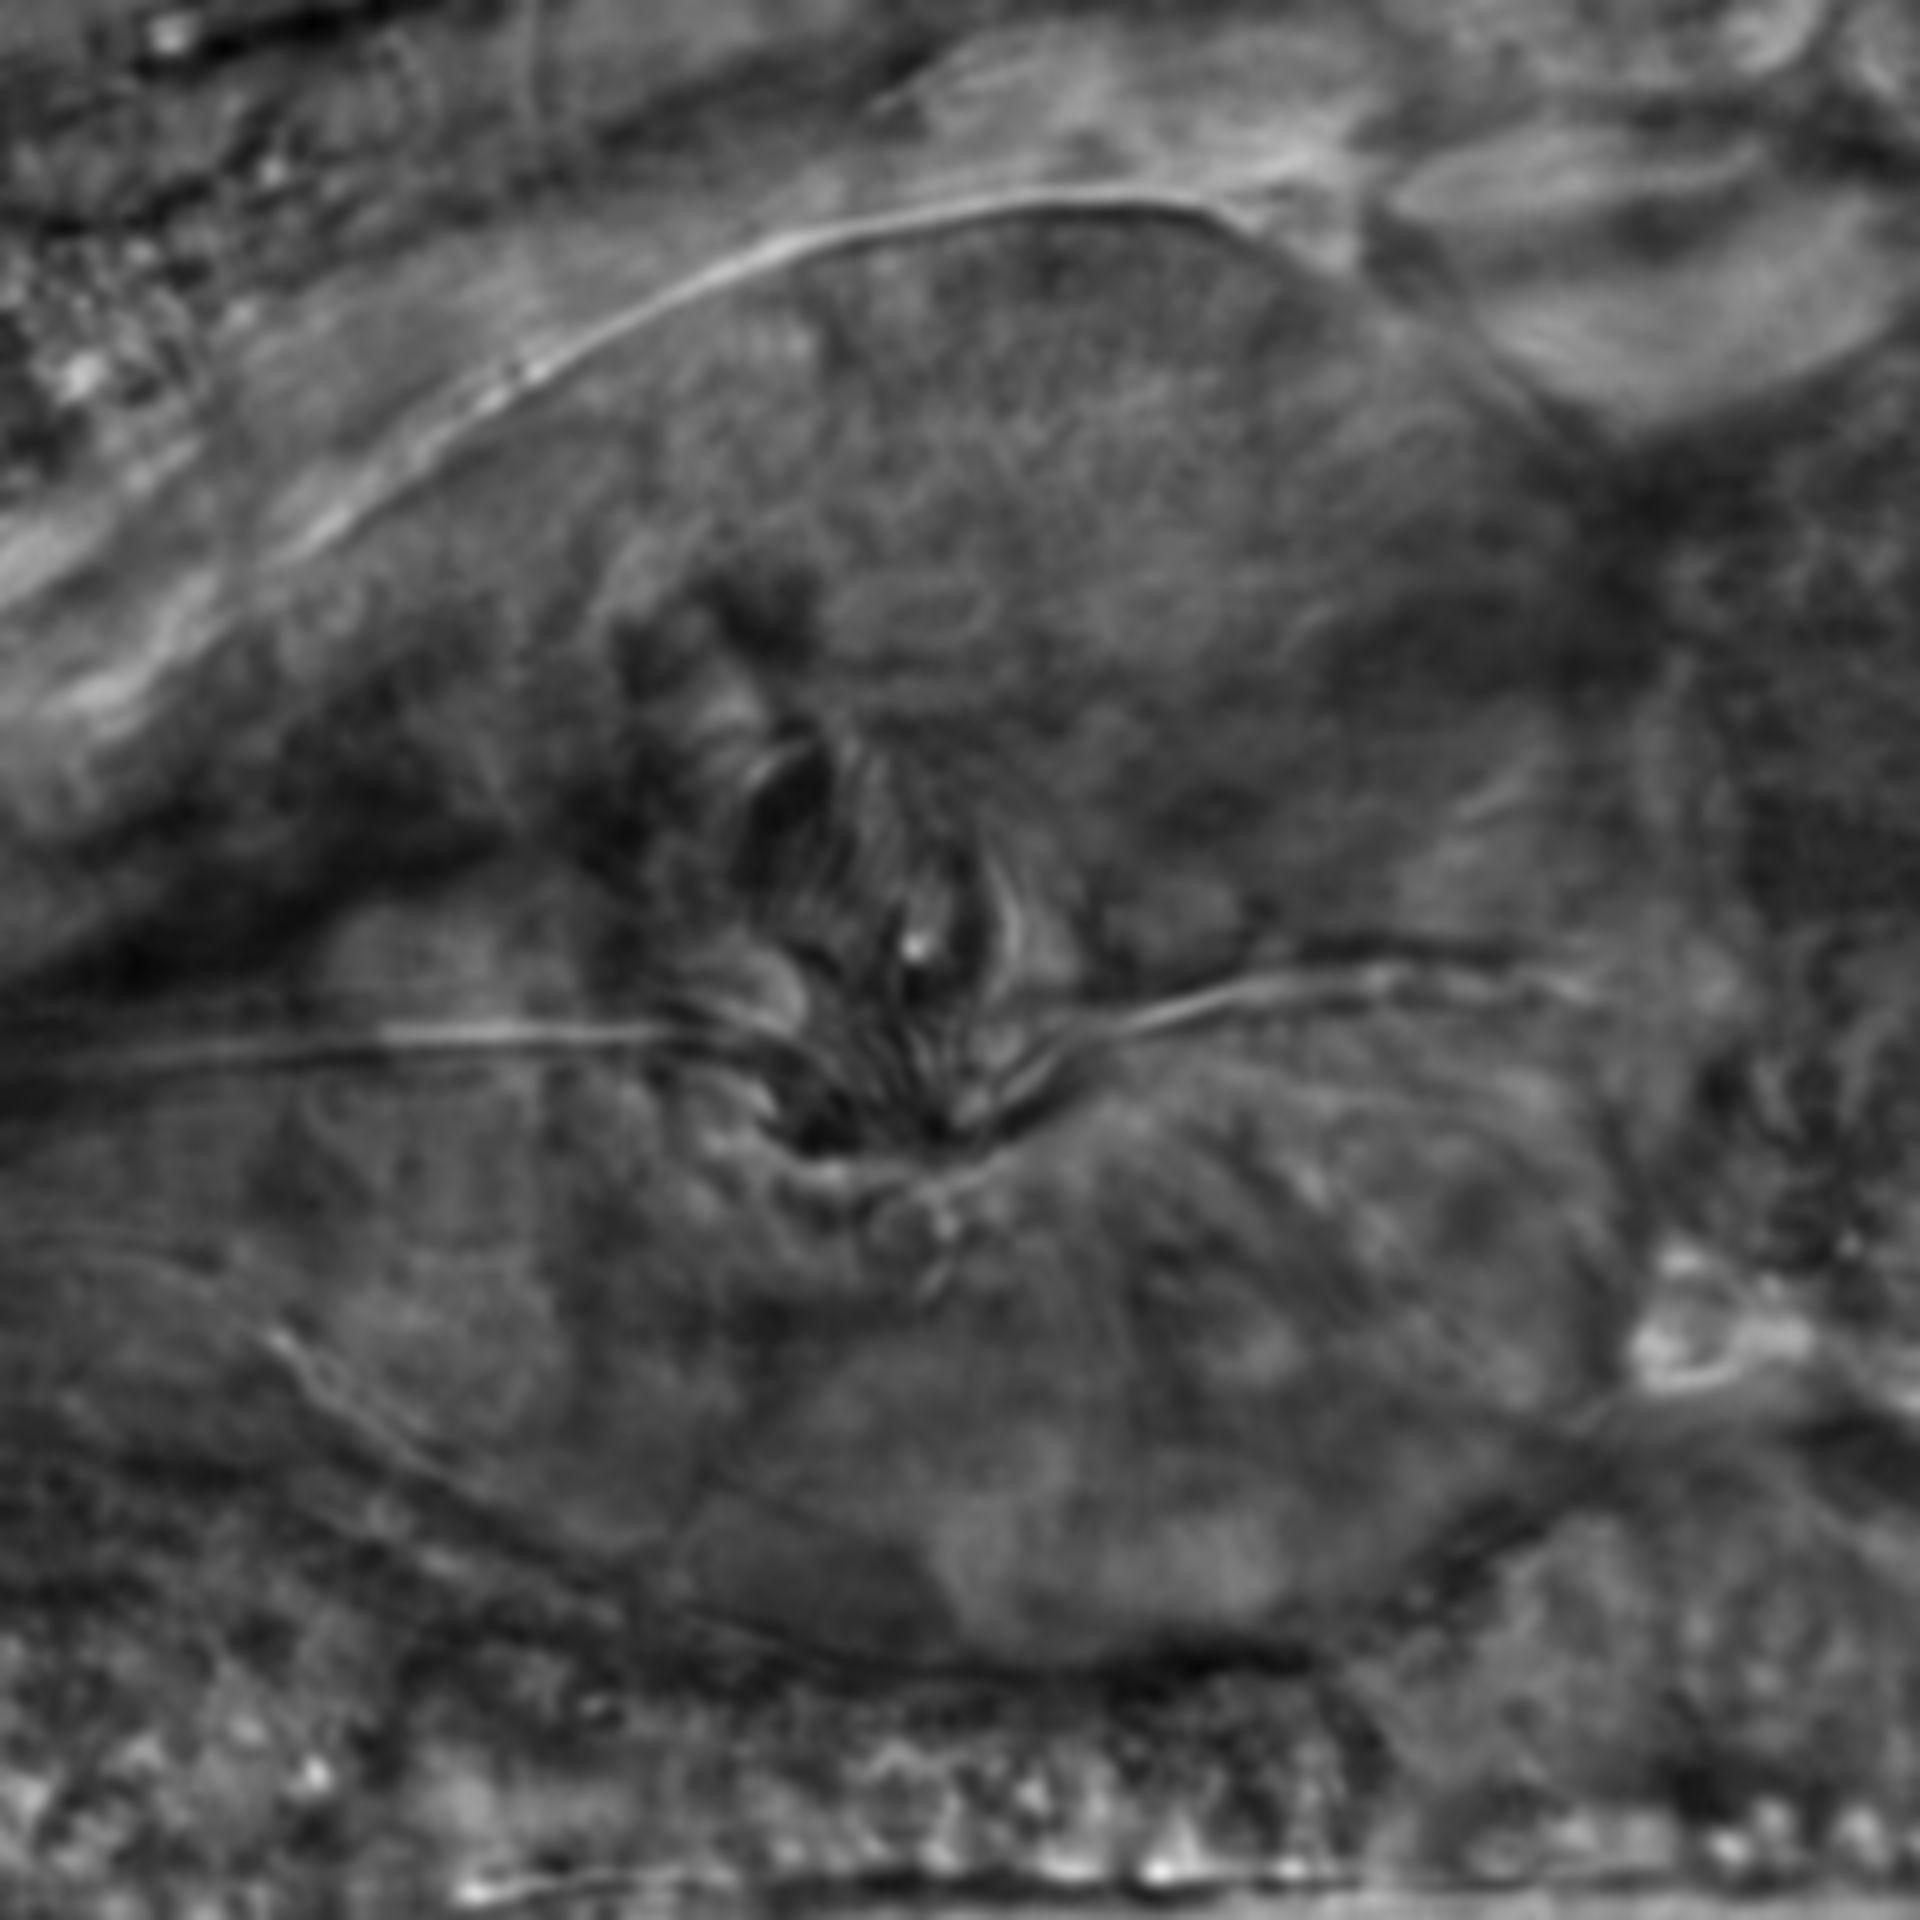 Caenorhabditis elegans - CIL:2809